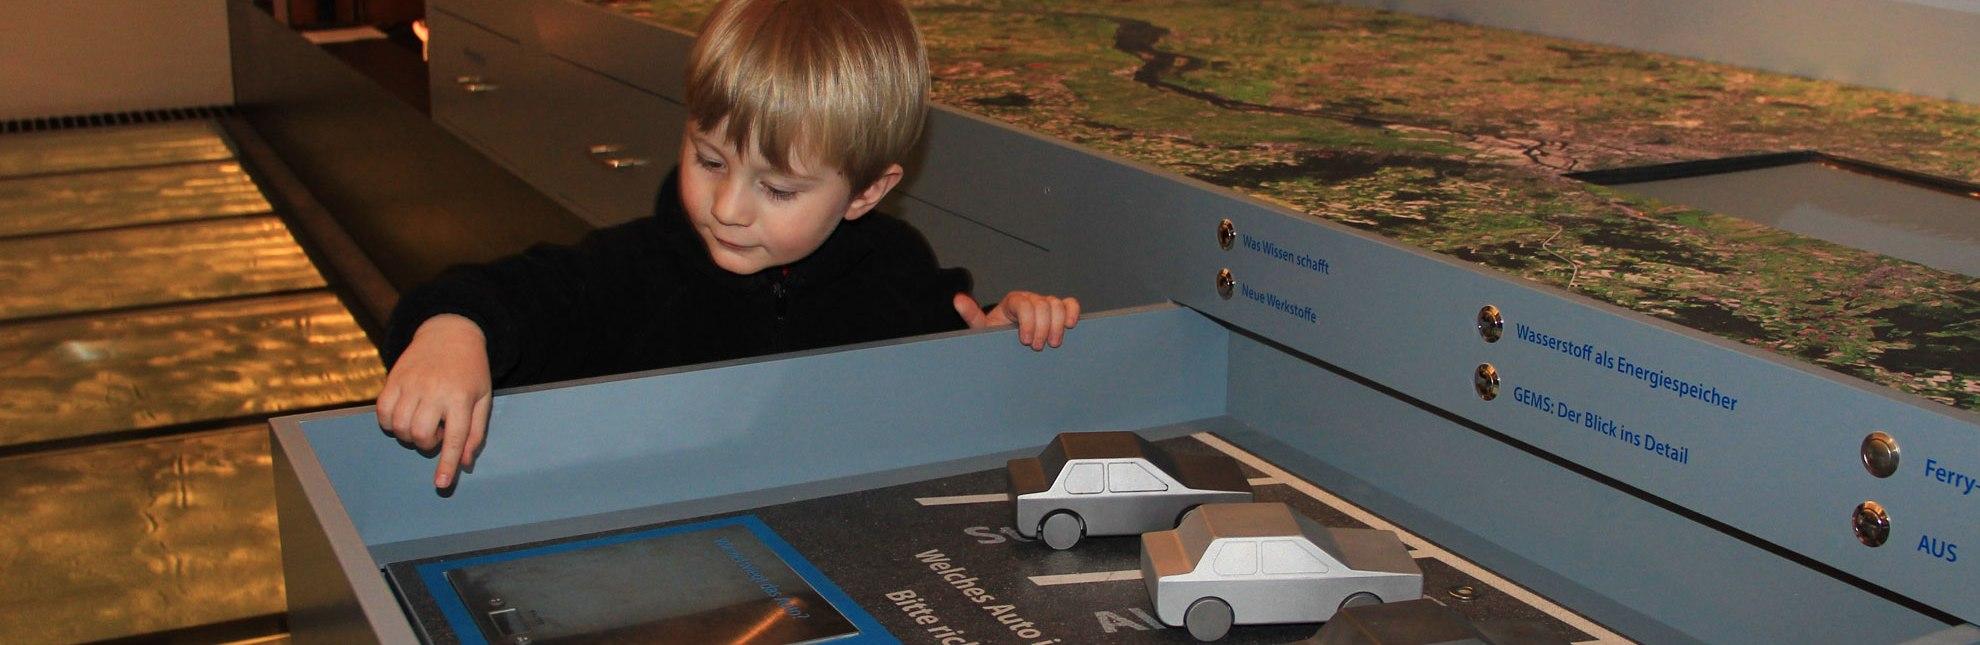 Versuchsanordnung in der interaktiven Dauerausstellung des GeesthachtMuseums!, © Tourist-Information Geesthacht